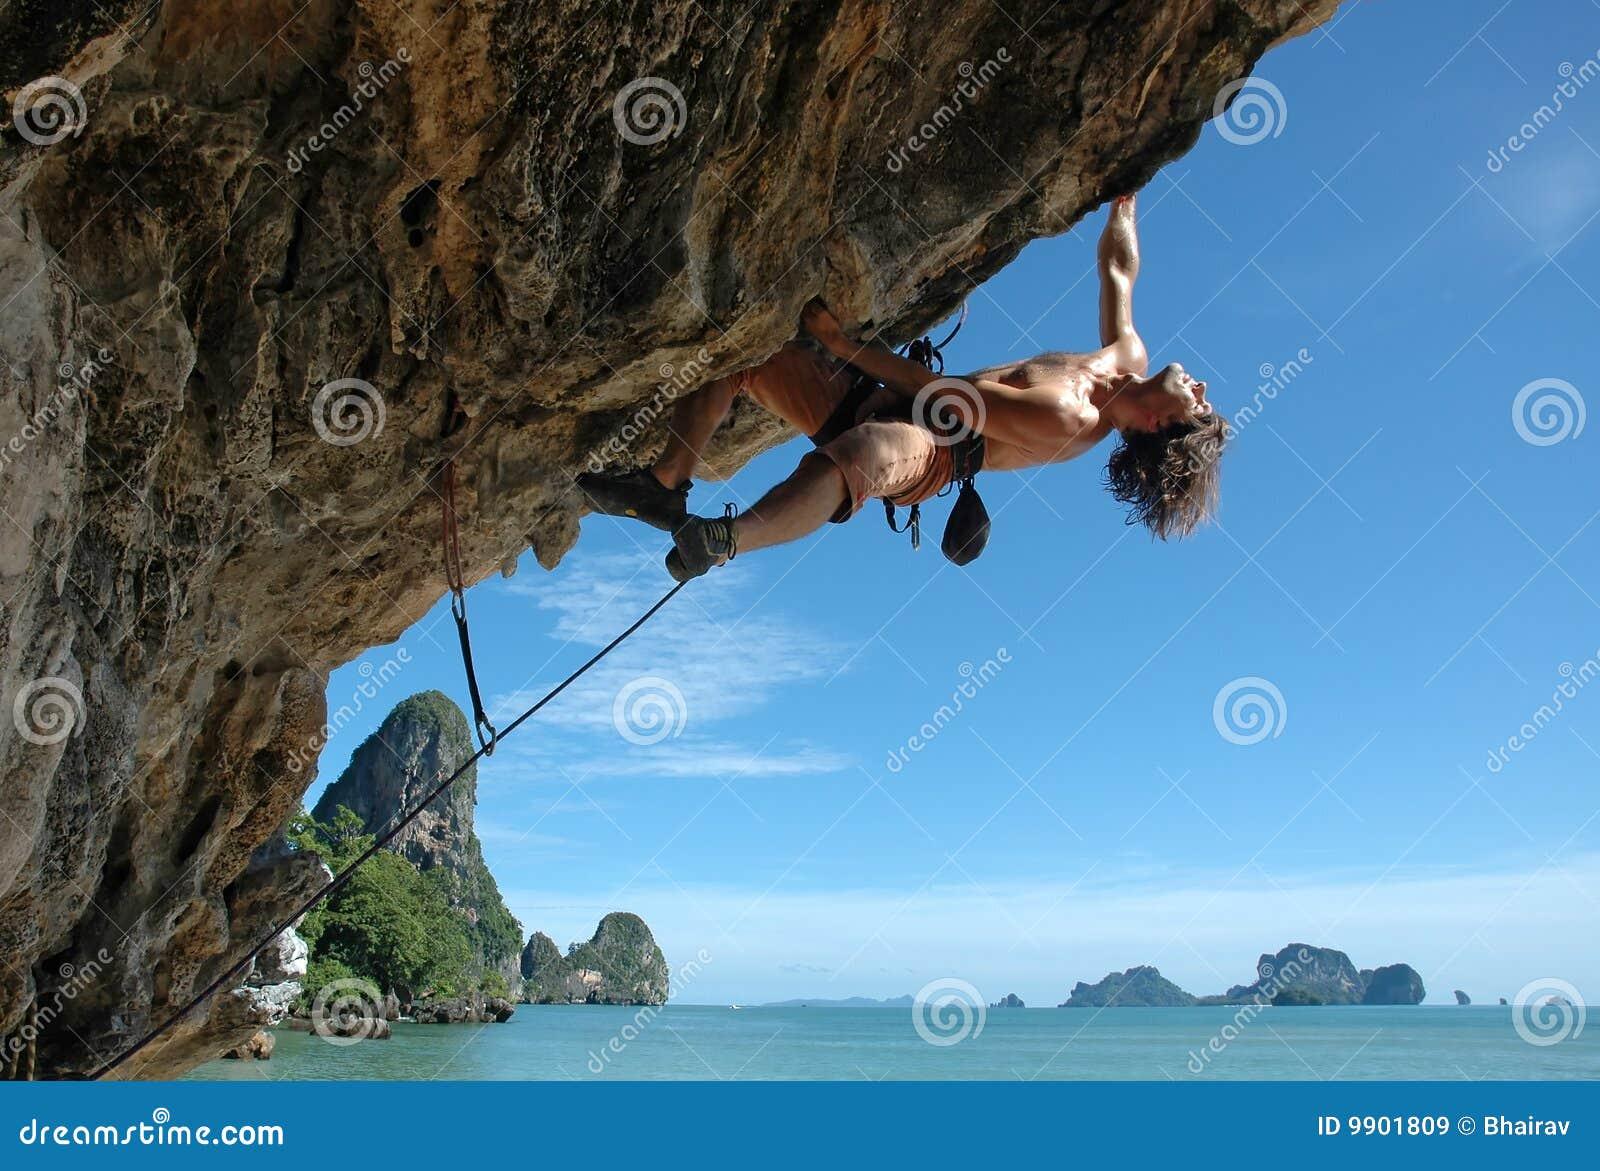 Goda di di arrampicarsi!